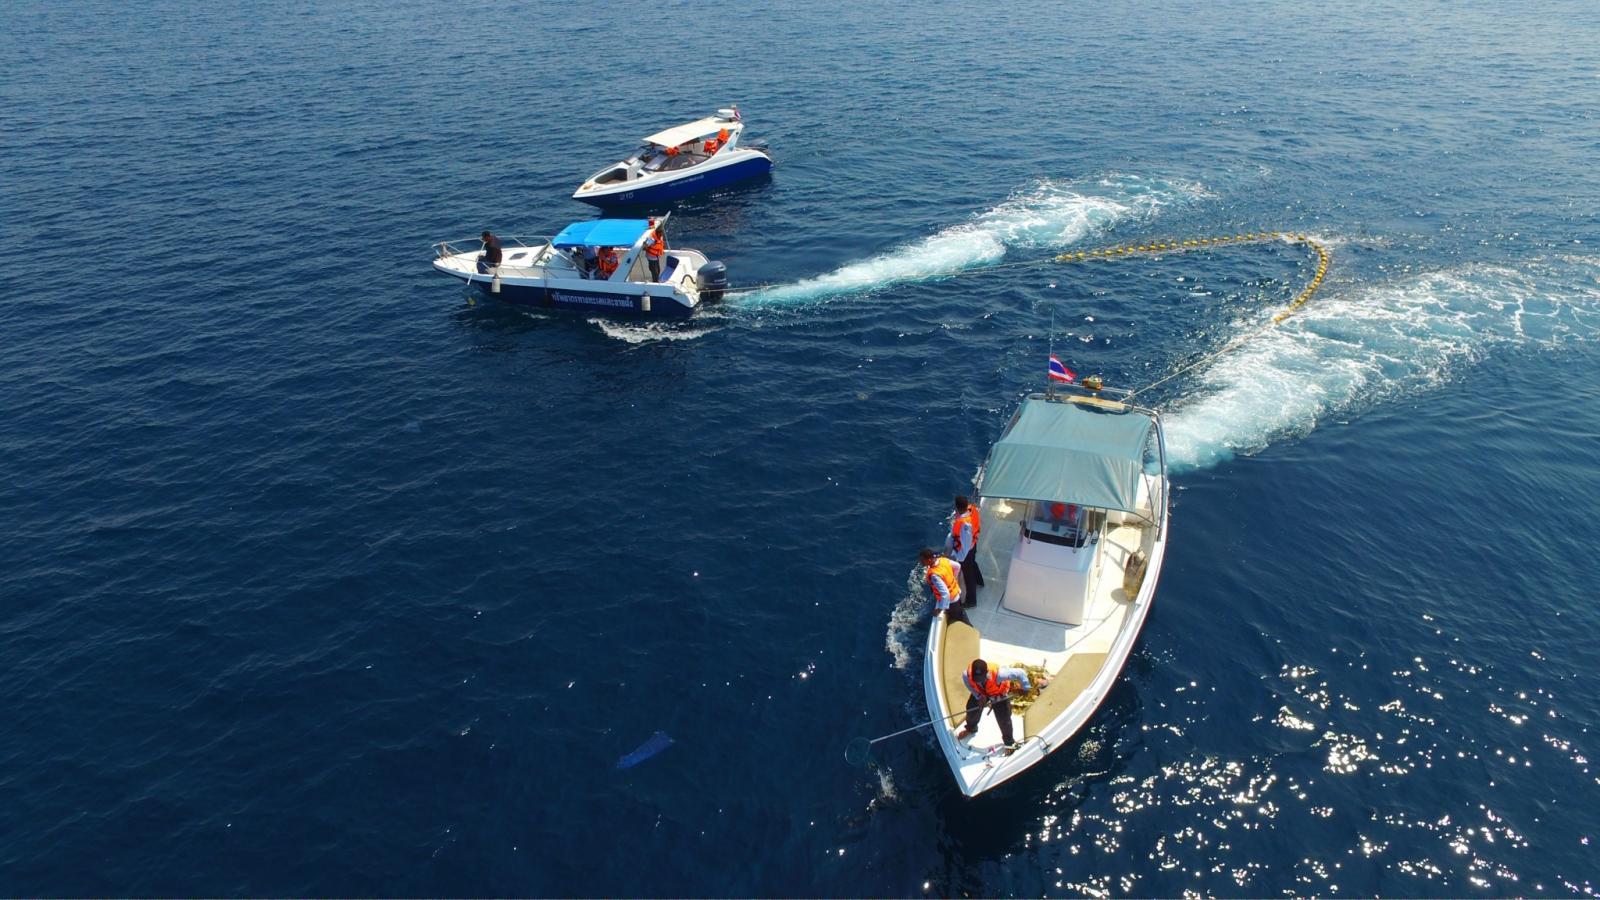 """ทช.ลงเรือออกปฏิบัติการเร่งเก็บกู้ """"แพขยะ"""" กลางทะเลชุมพร (คลิป)"""